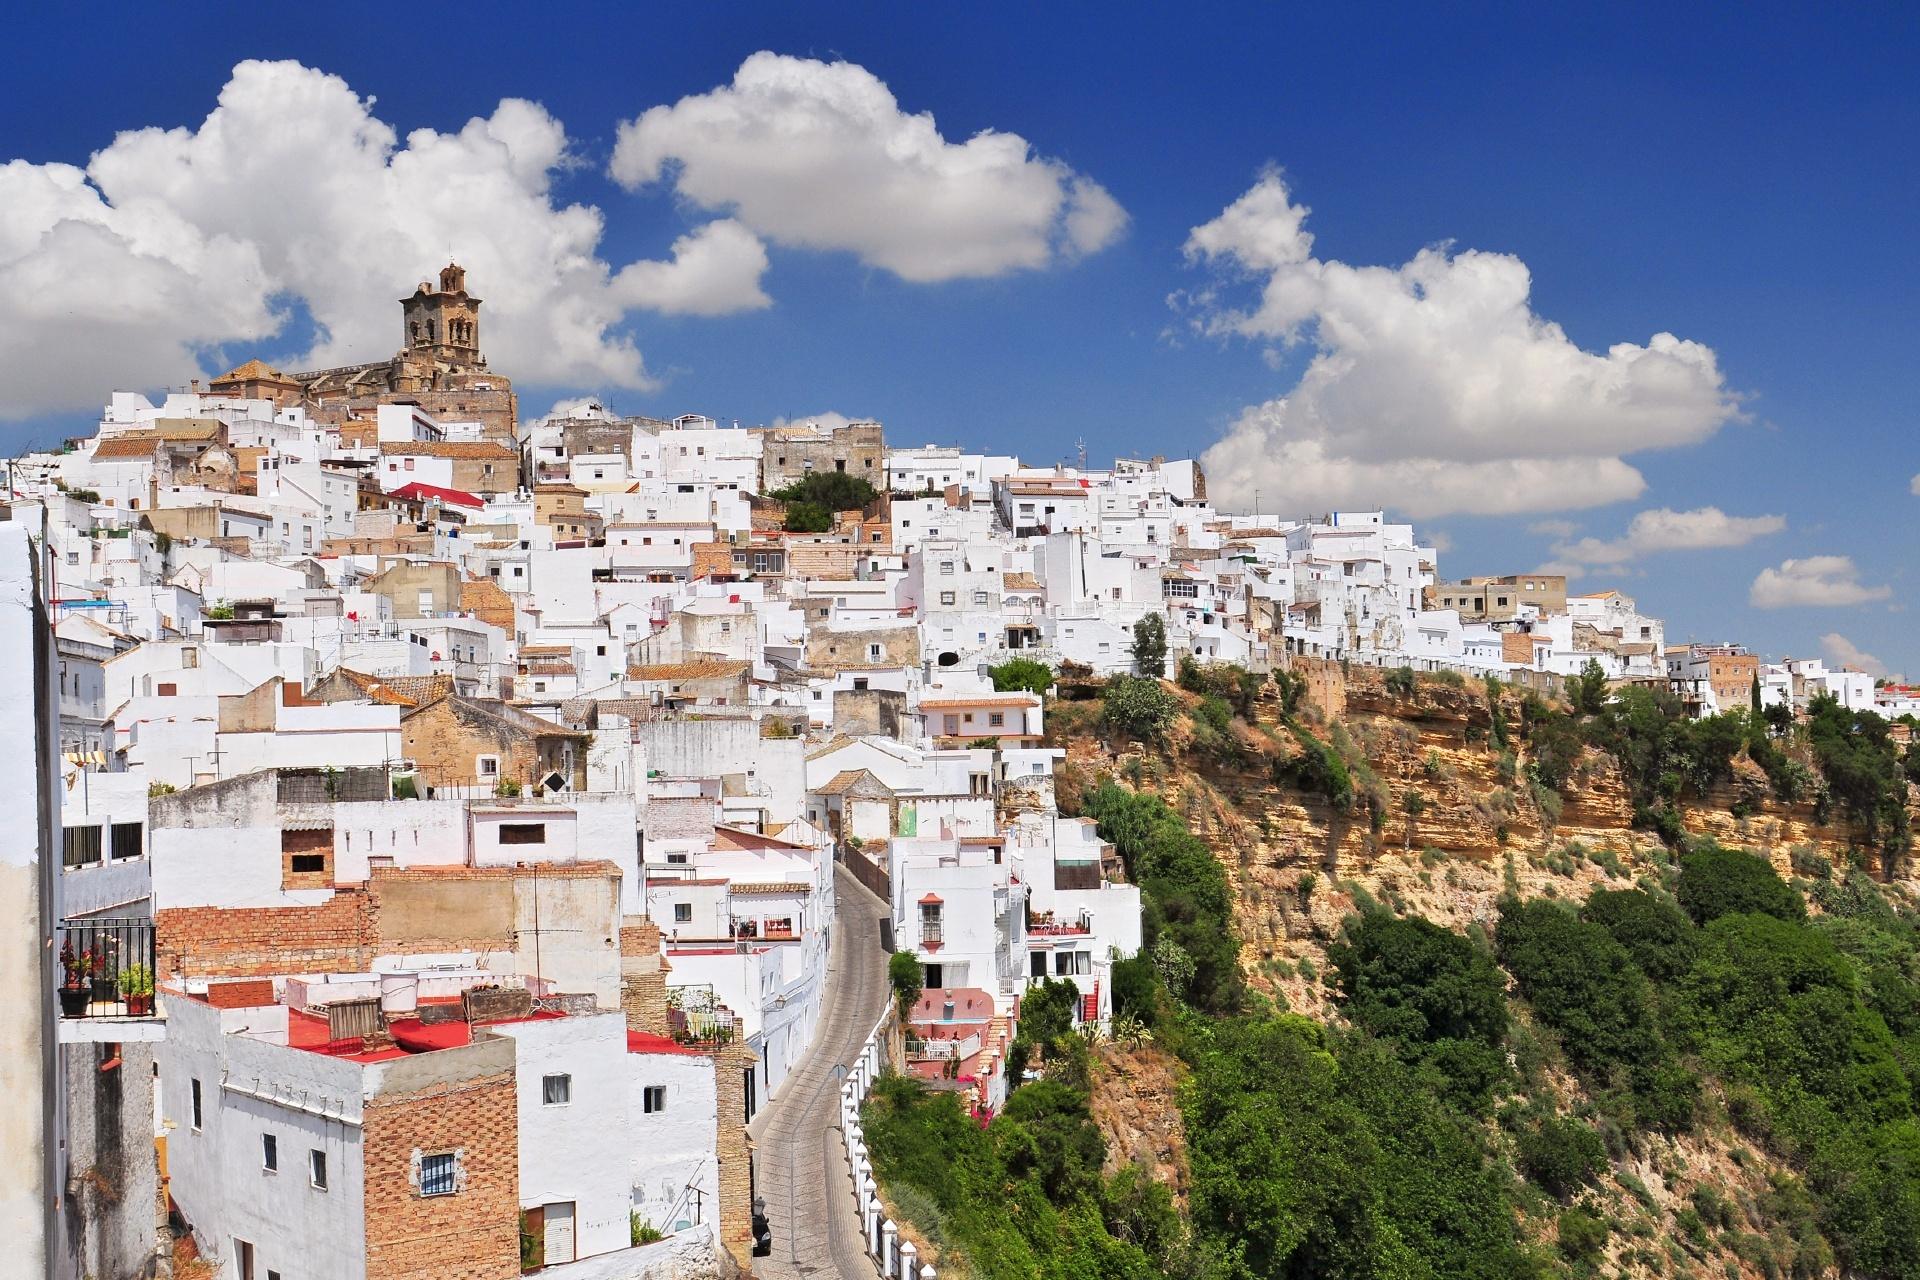 アルコス・デ・ラ・フロンテーラの風景 スペインの風景